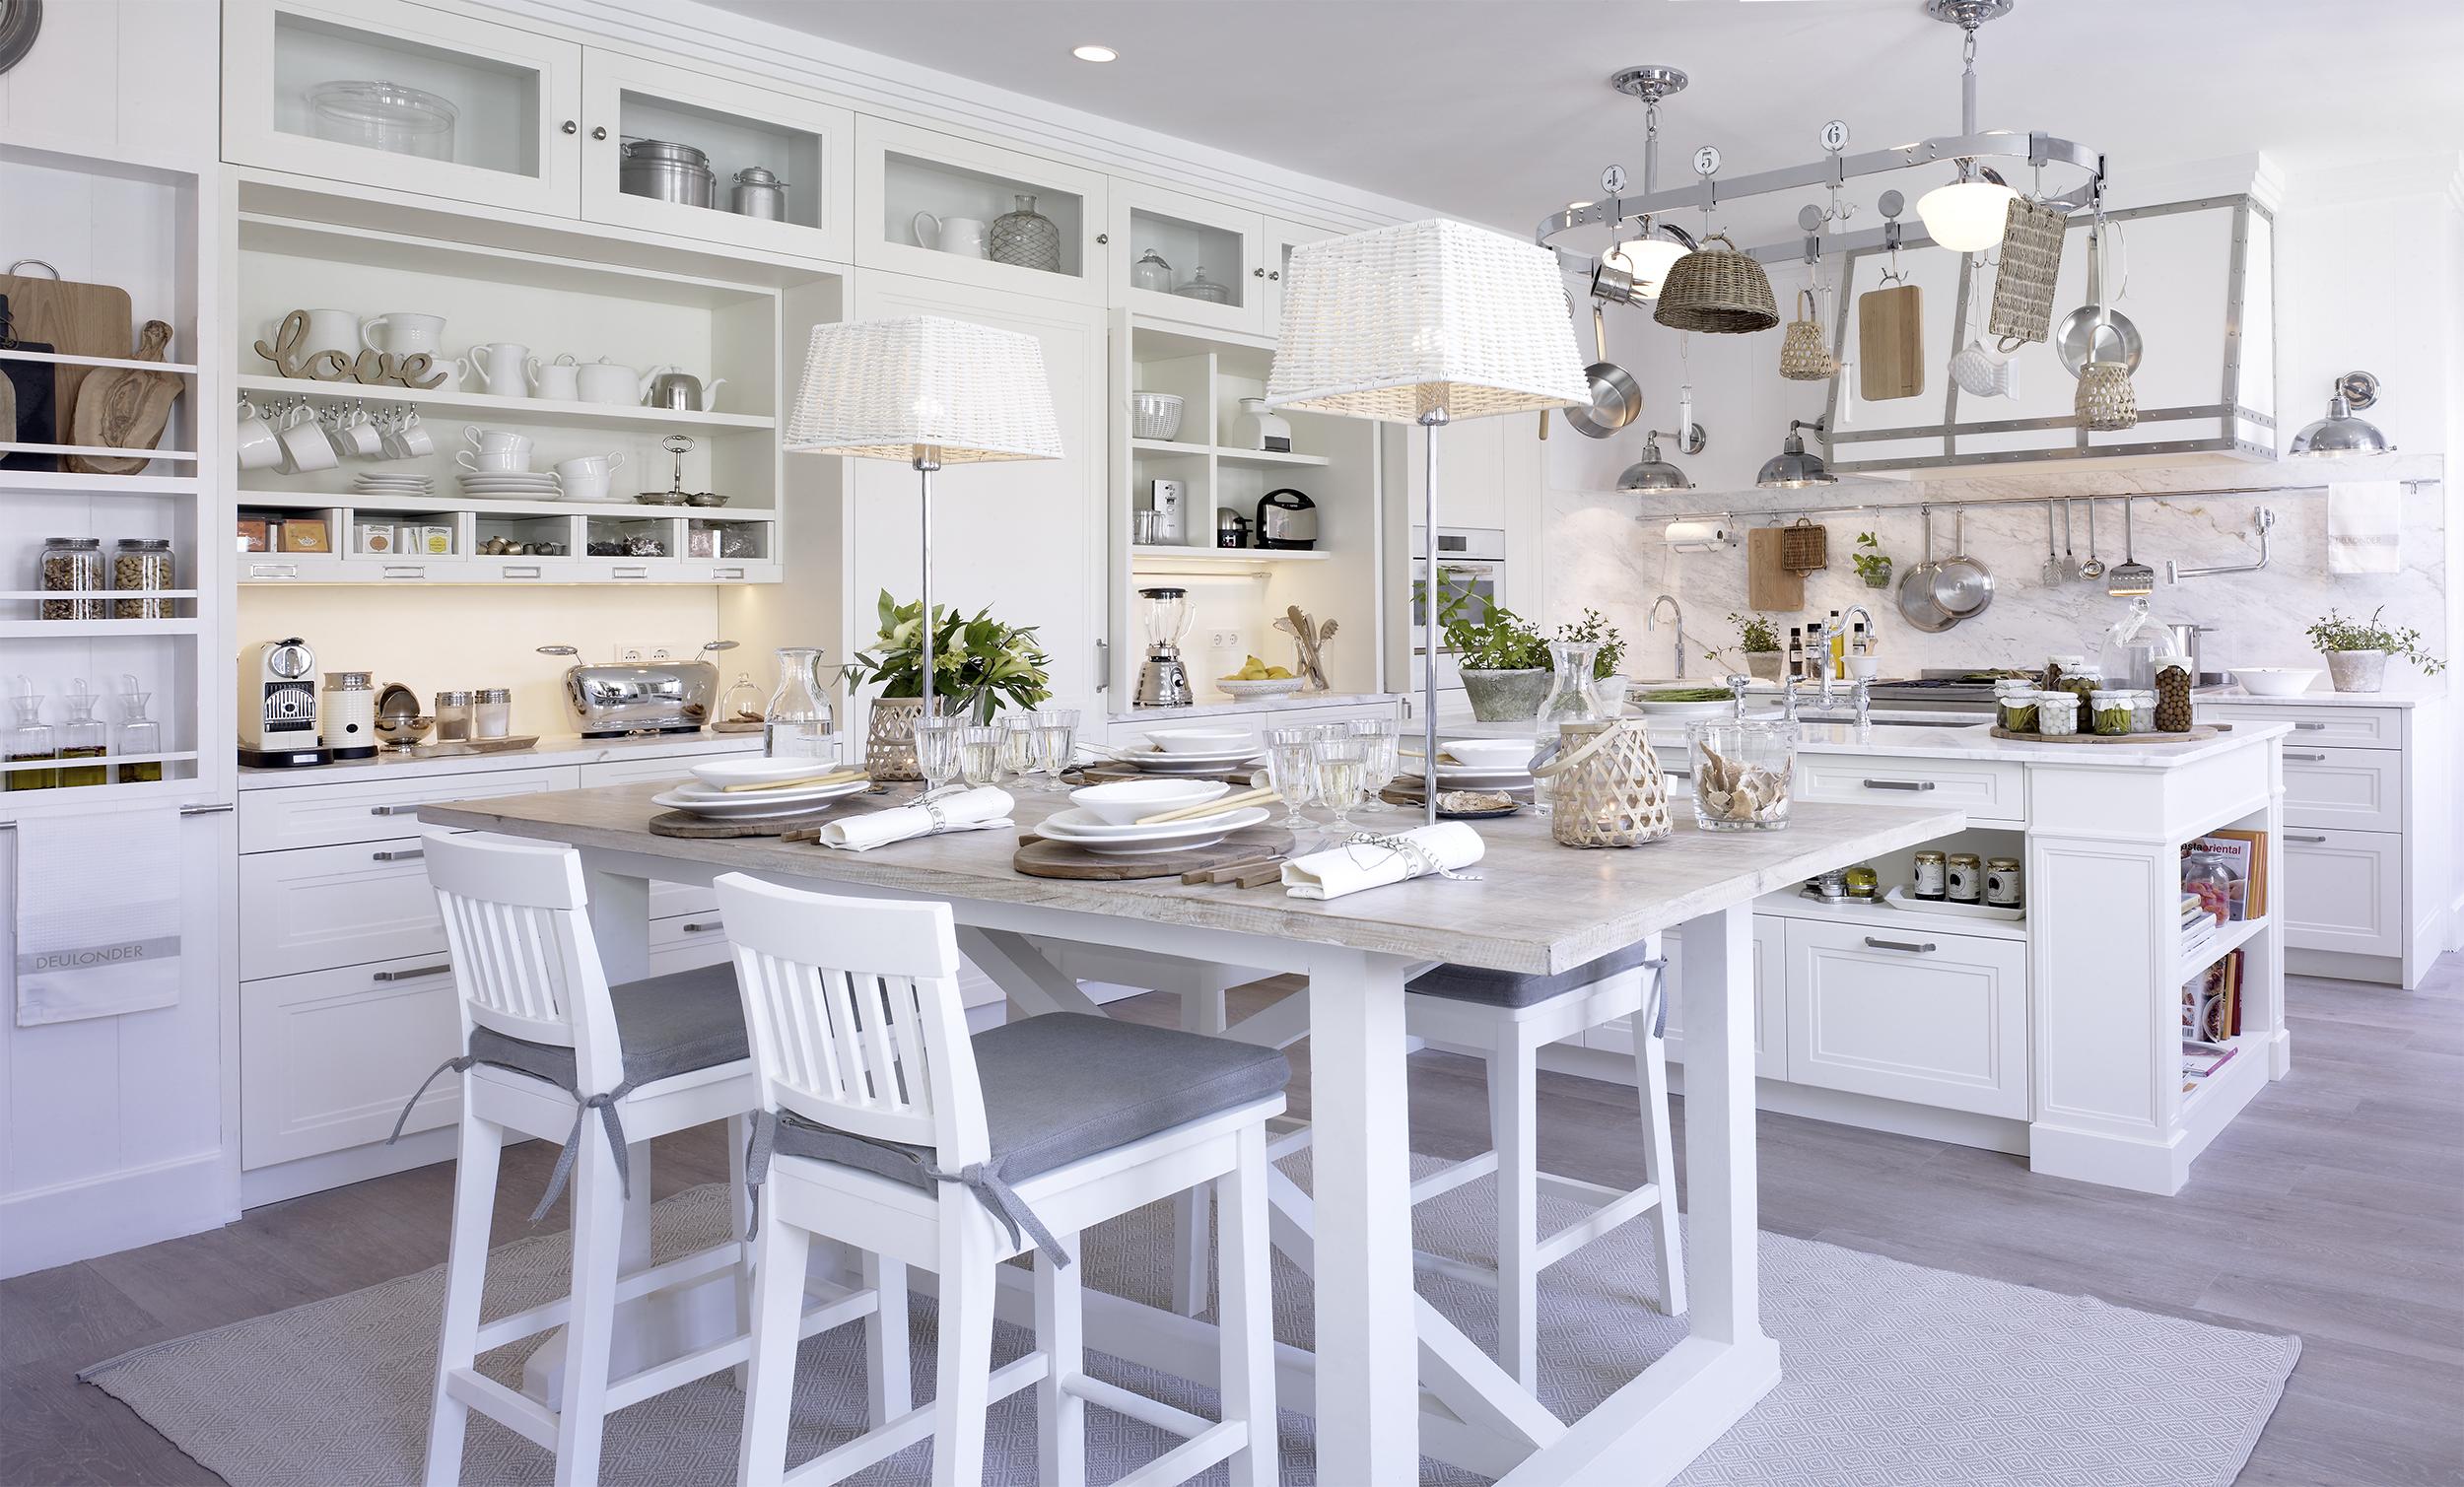 La cocina como family room de deulonder favorita del for Cocinas en hiraoka 2016